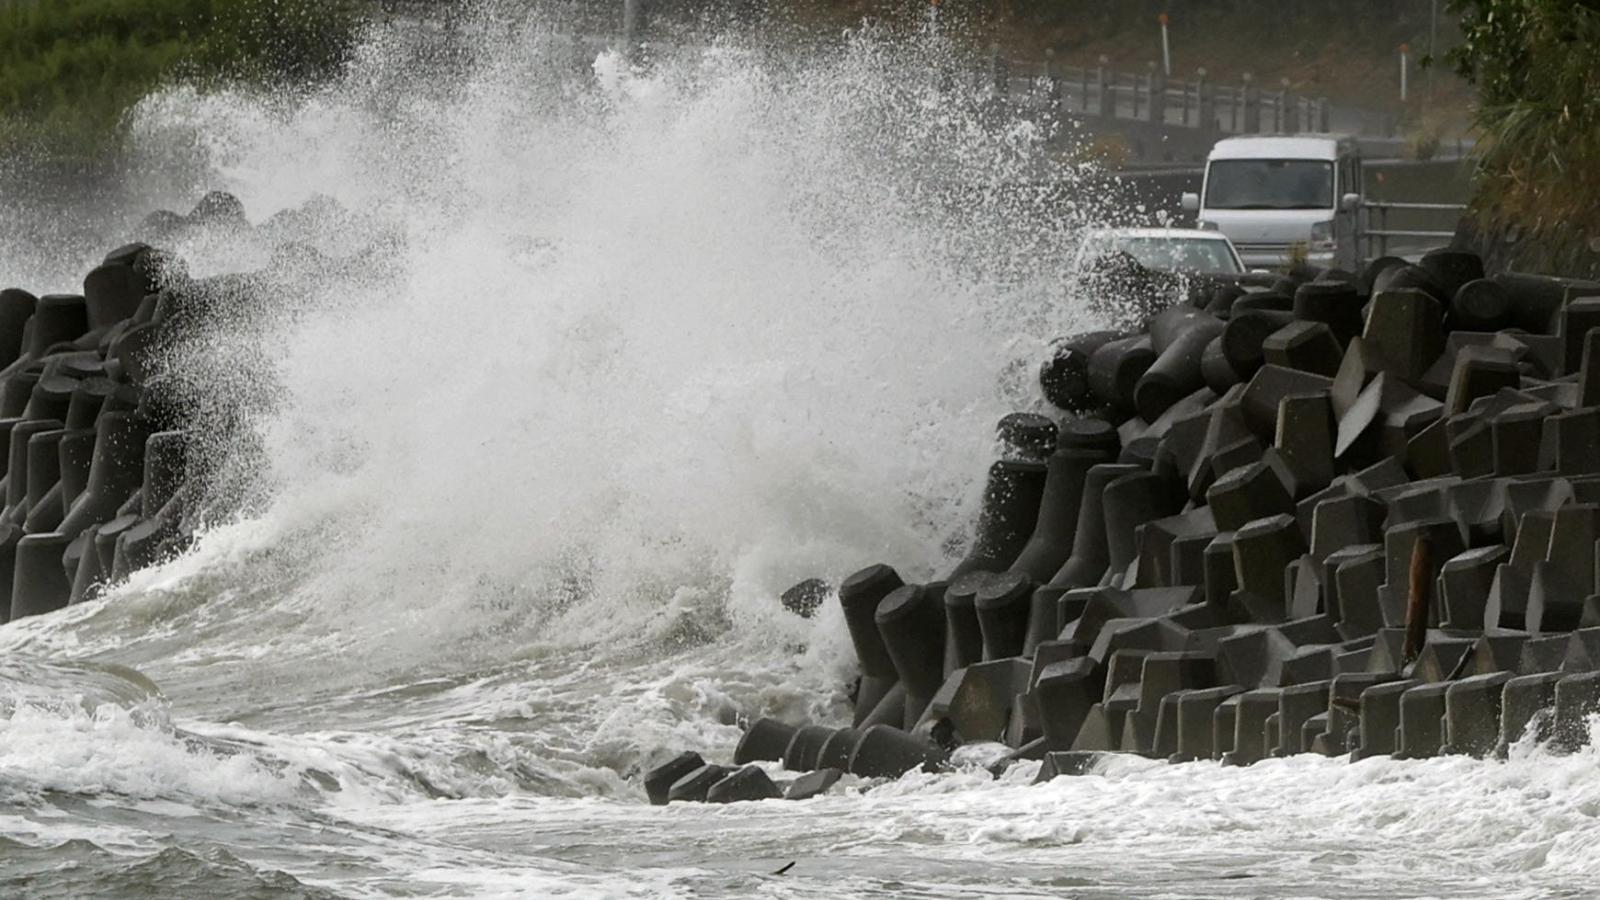 Nhật Bản xác định danh tính nạn nhân người Việt Nam mất tích do bão Haishen